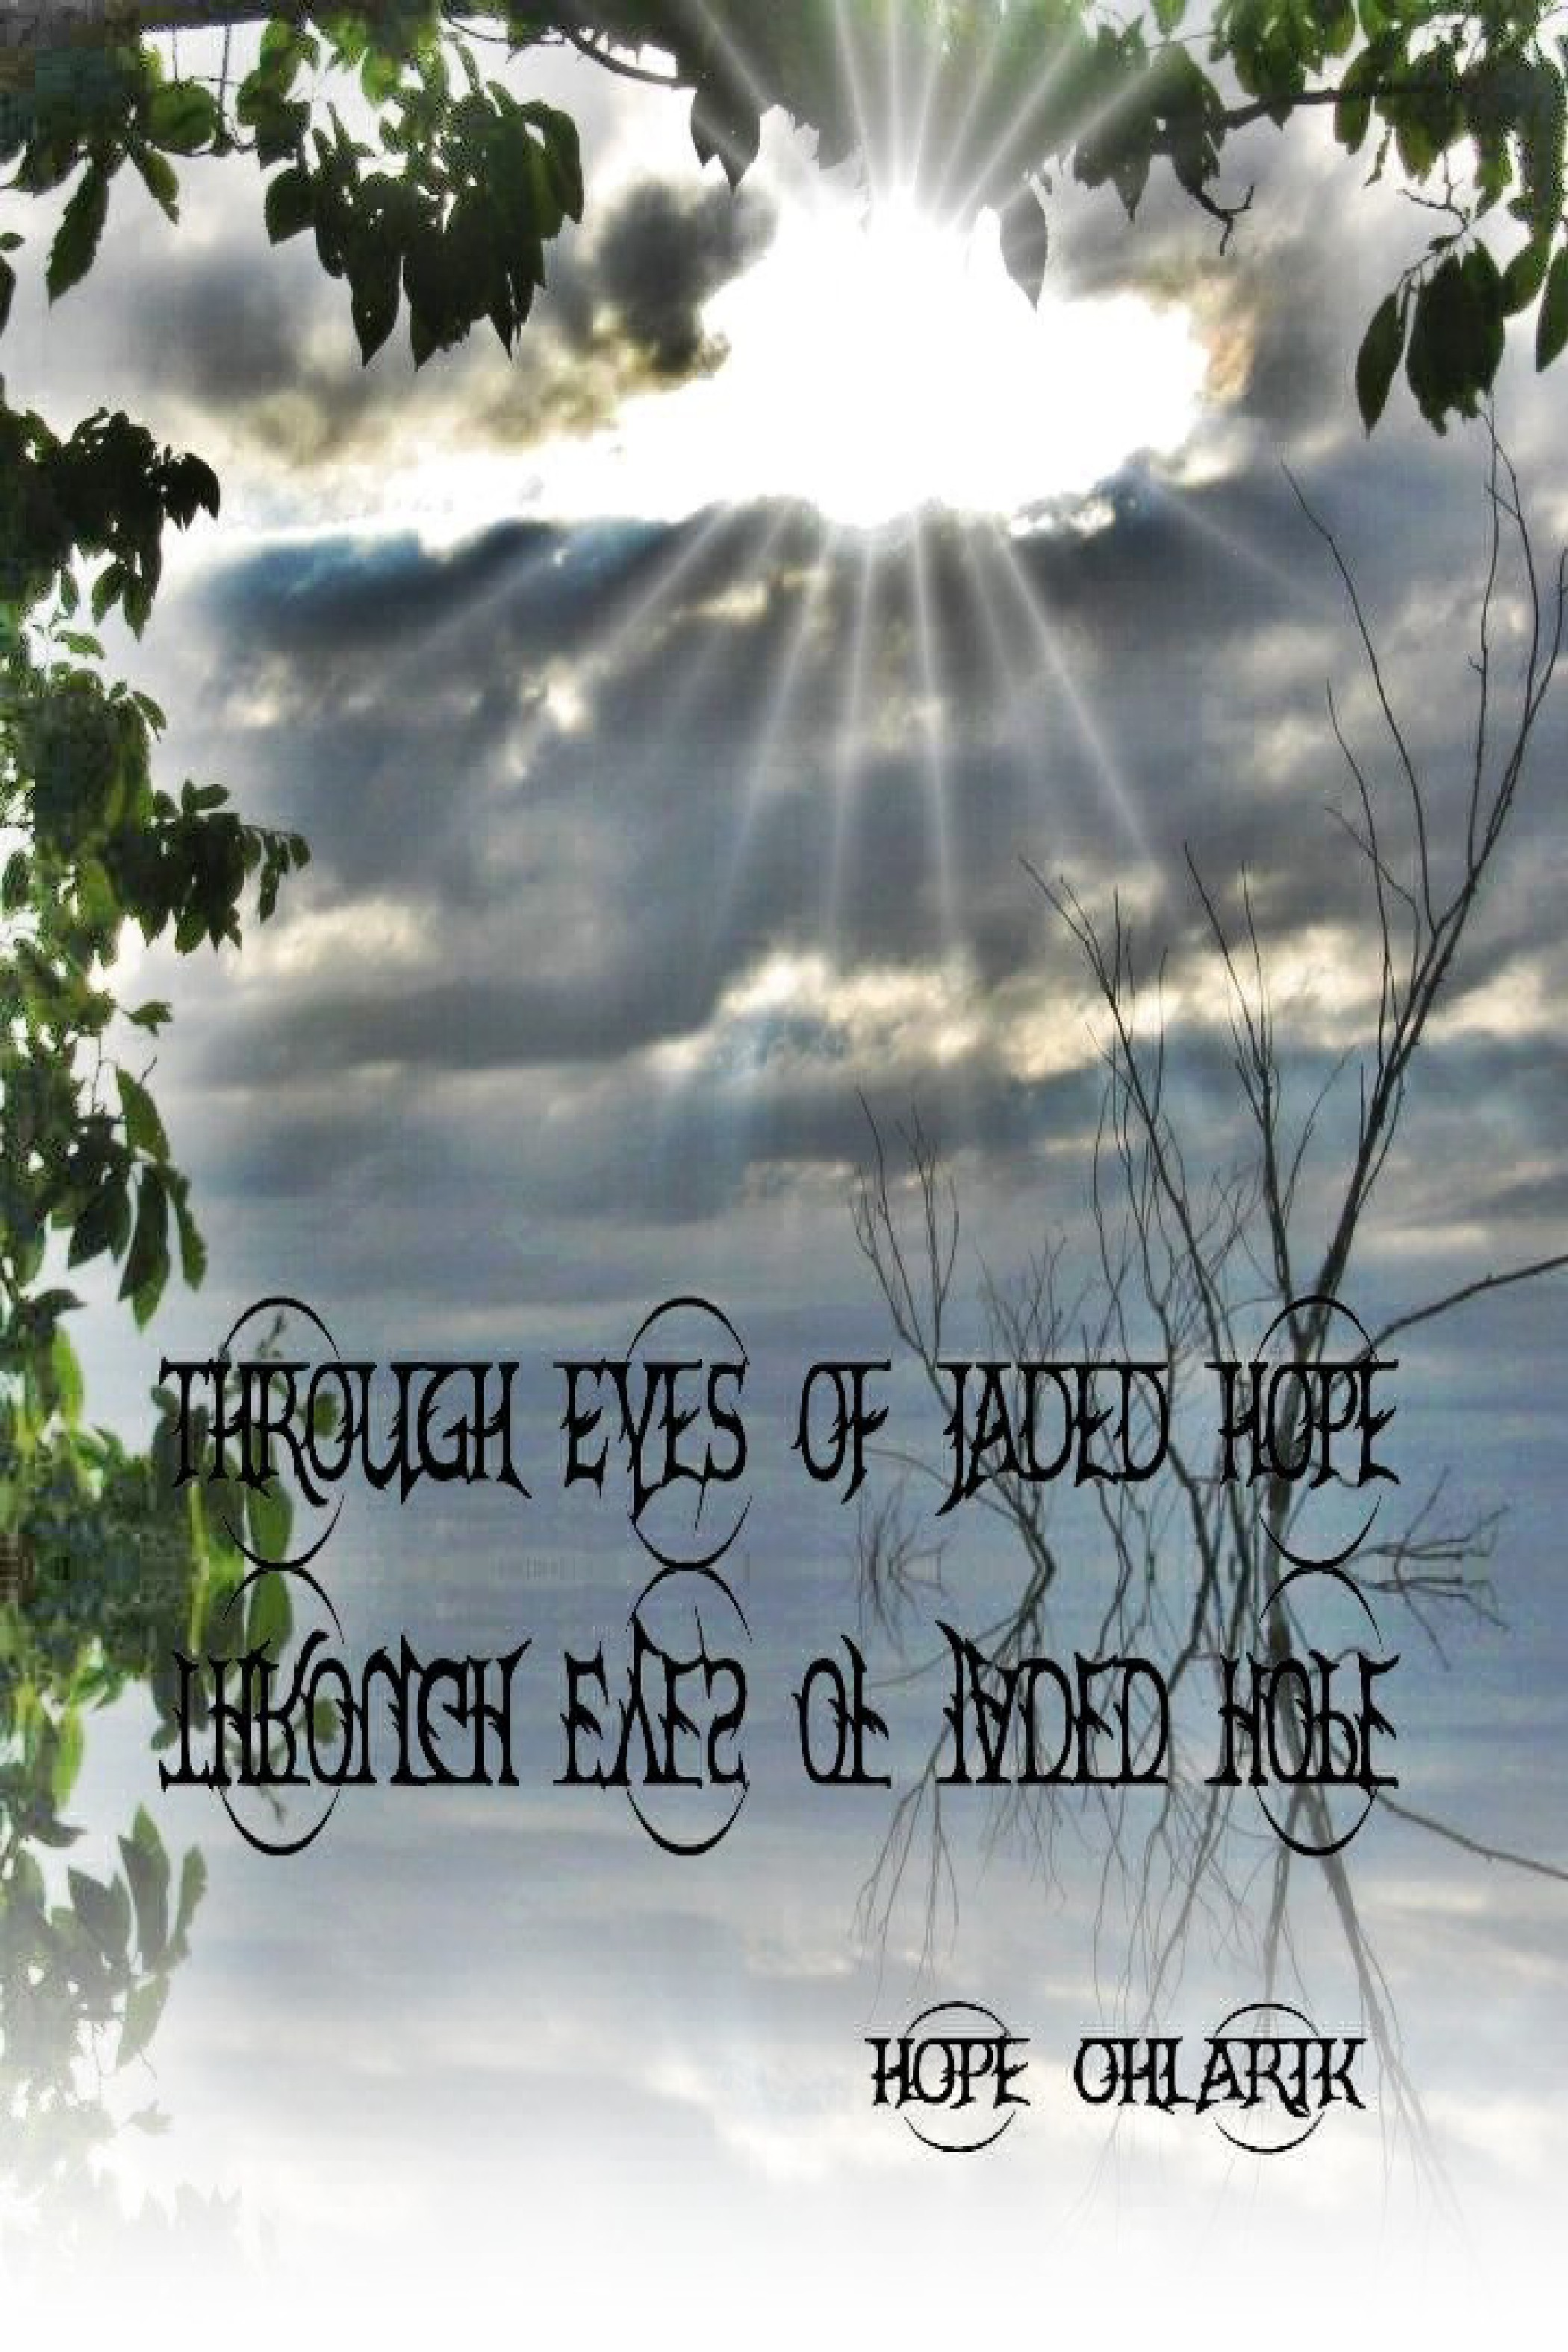 Through Eyes of Jaded Hope